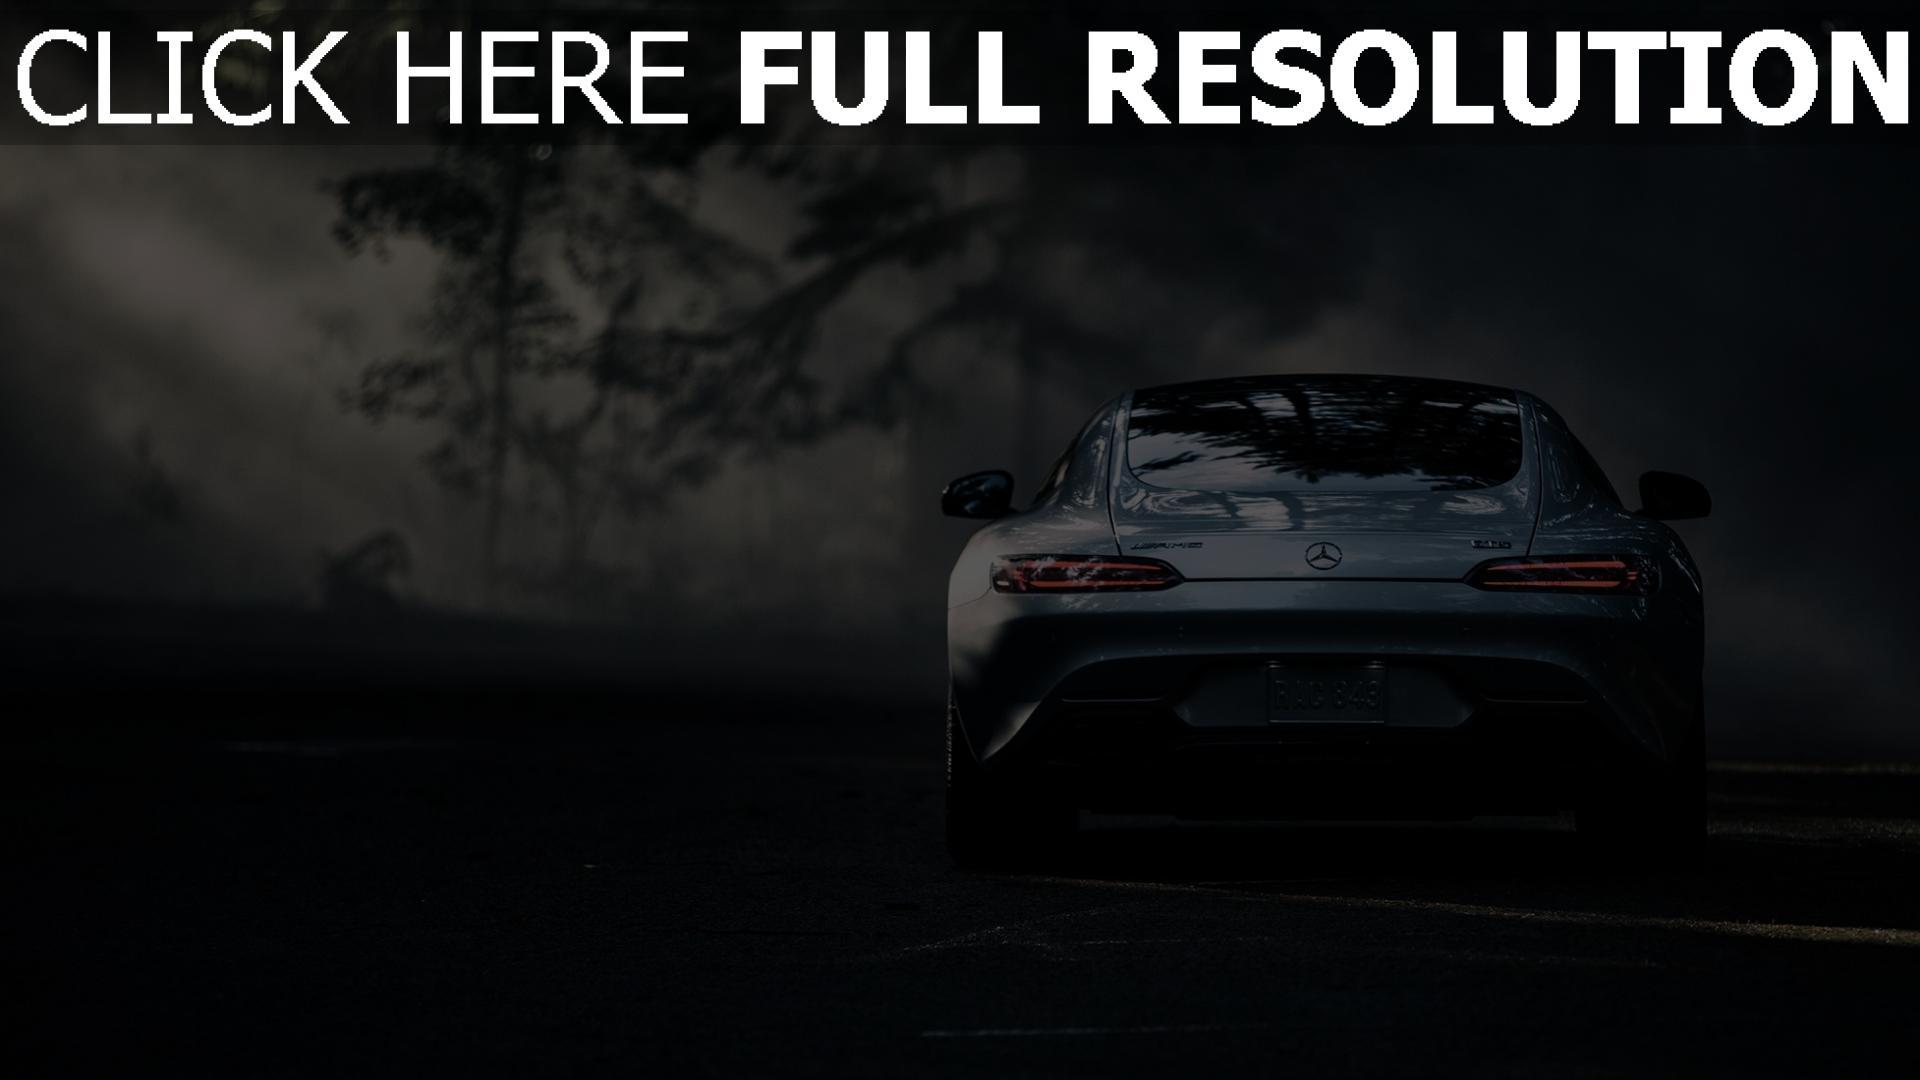 Herunterladen 1920x1080 Full Hd Hintergrundbilder Mercedes